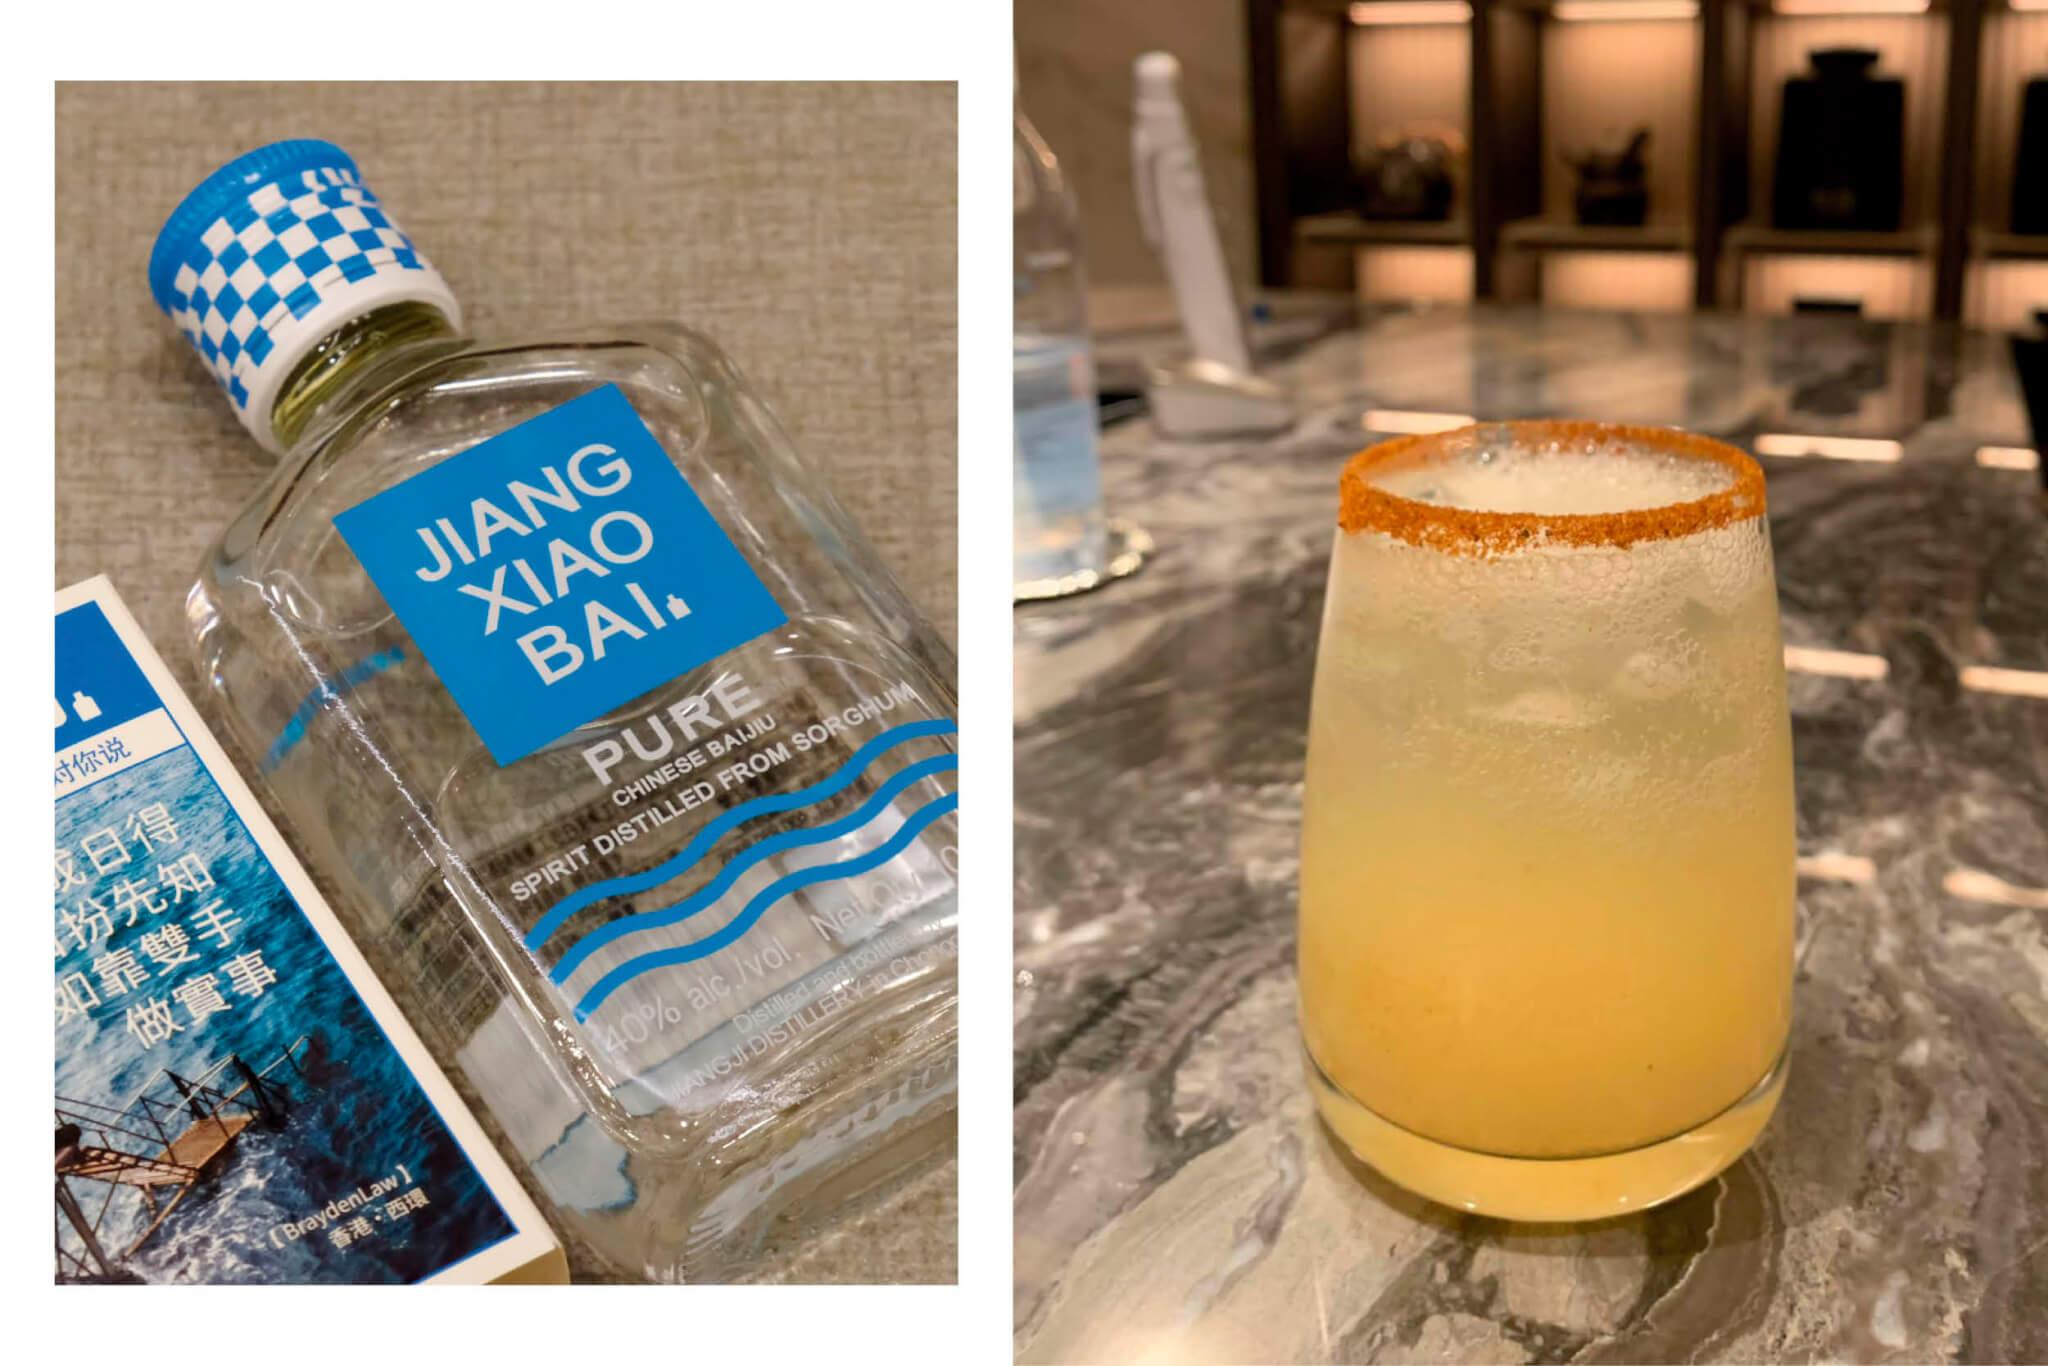 調酒師Elmo形容:「江小白略帶水果清香、變化多端,感覺有點像Gin。」把「江小白」混合柚子糖漿、檸檬汁等調成Miss Bai,入口清新。